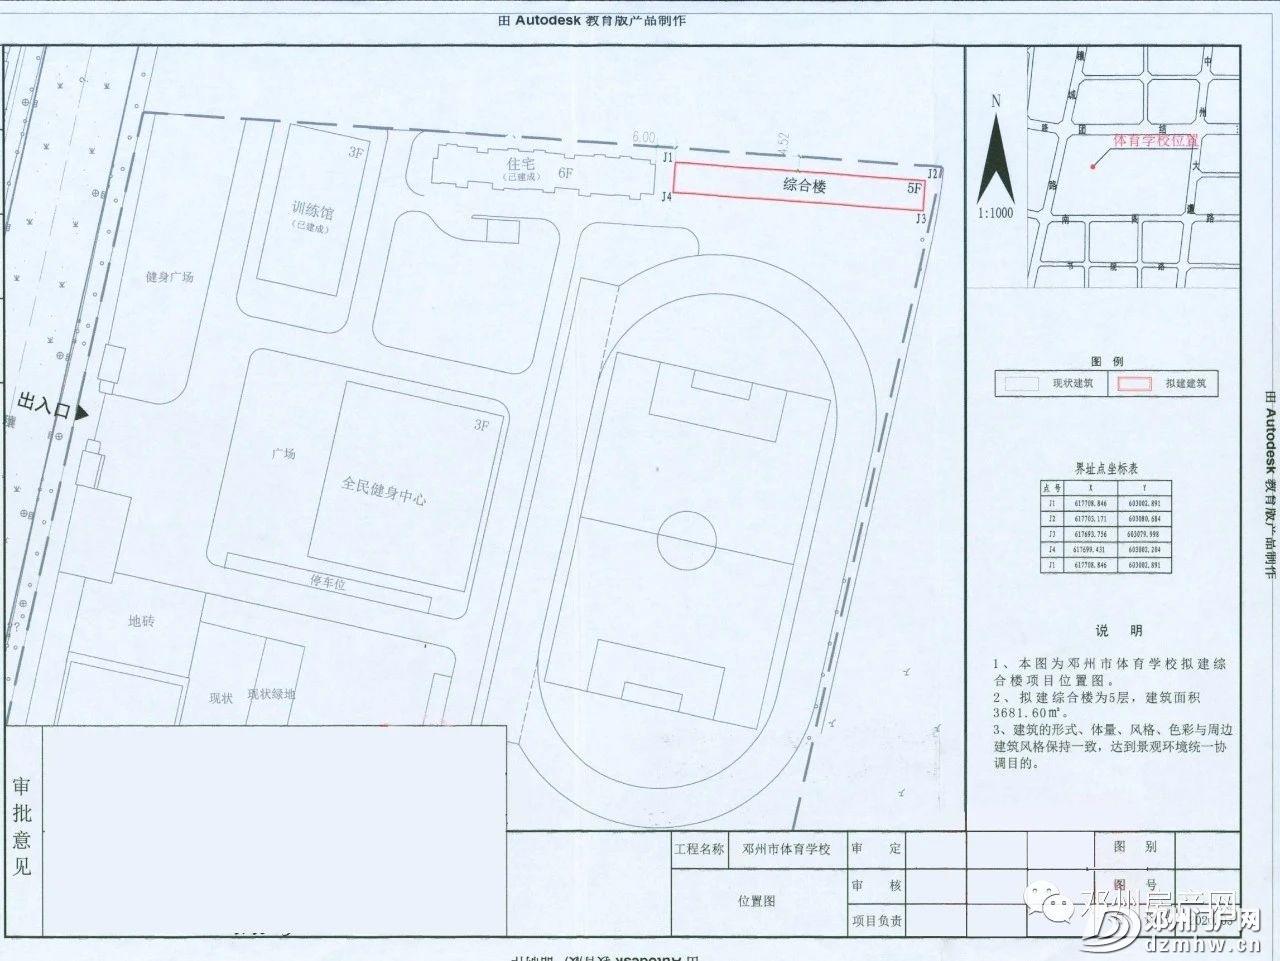 好消息!邓州这几所学校要新建、扩建!在你家附近吗? - 邓州门户网|邓州网 - 6817c29969dec9bbdb7cc119398968d0.jpg